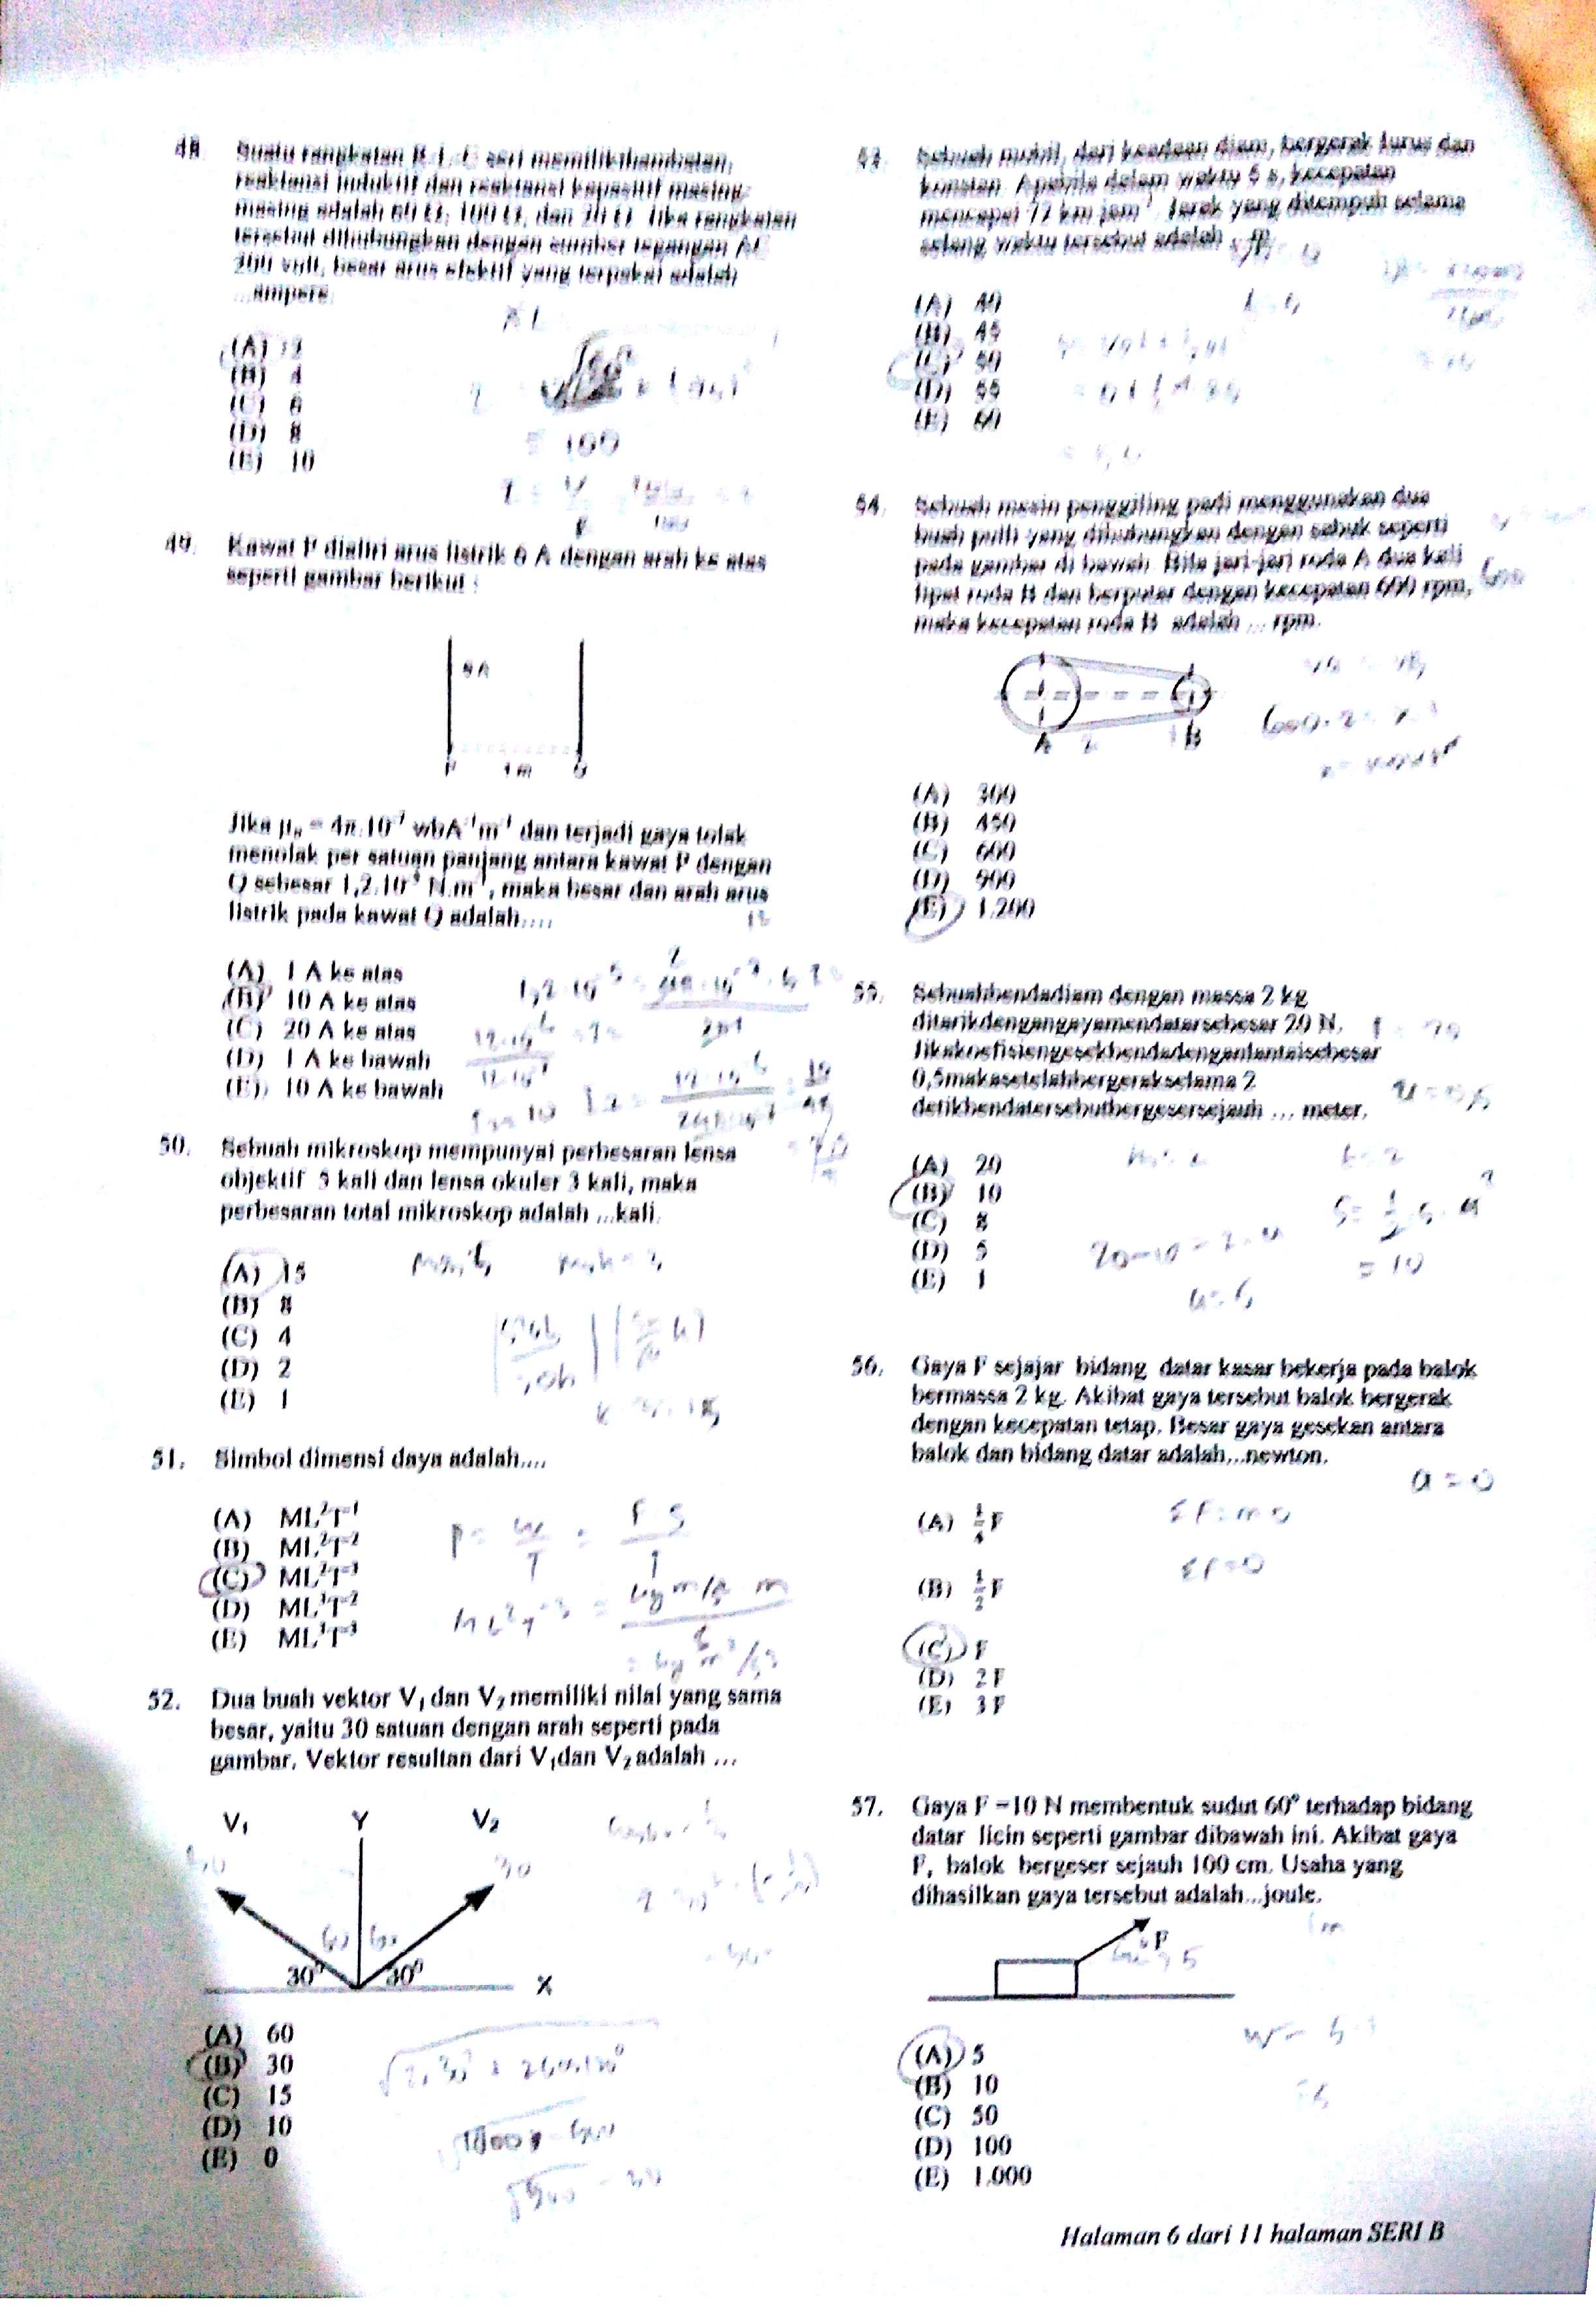 Soal Umpn 2018 : Contoh, Matematika, LatihSiswa